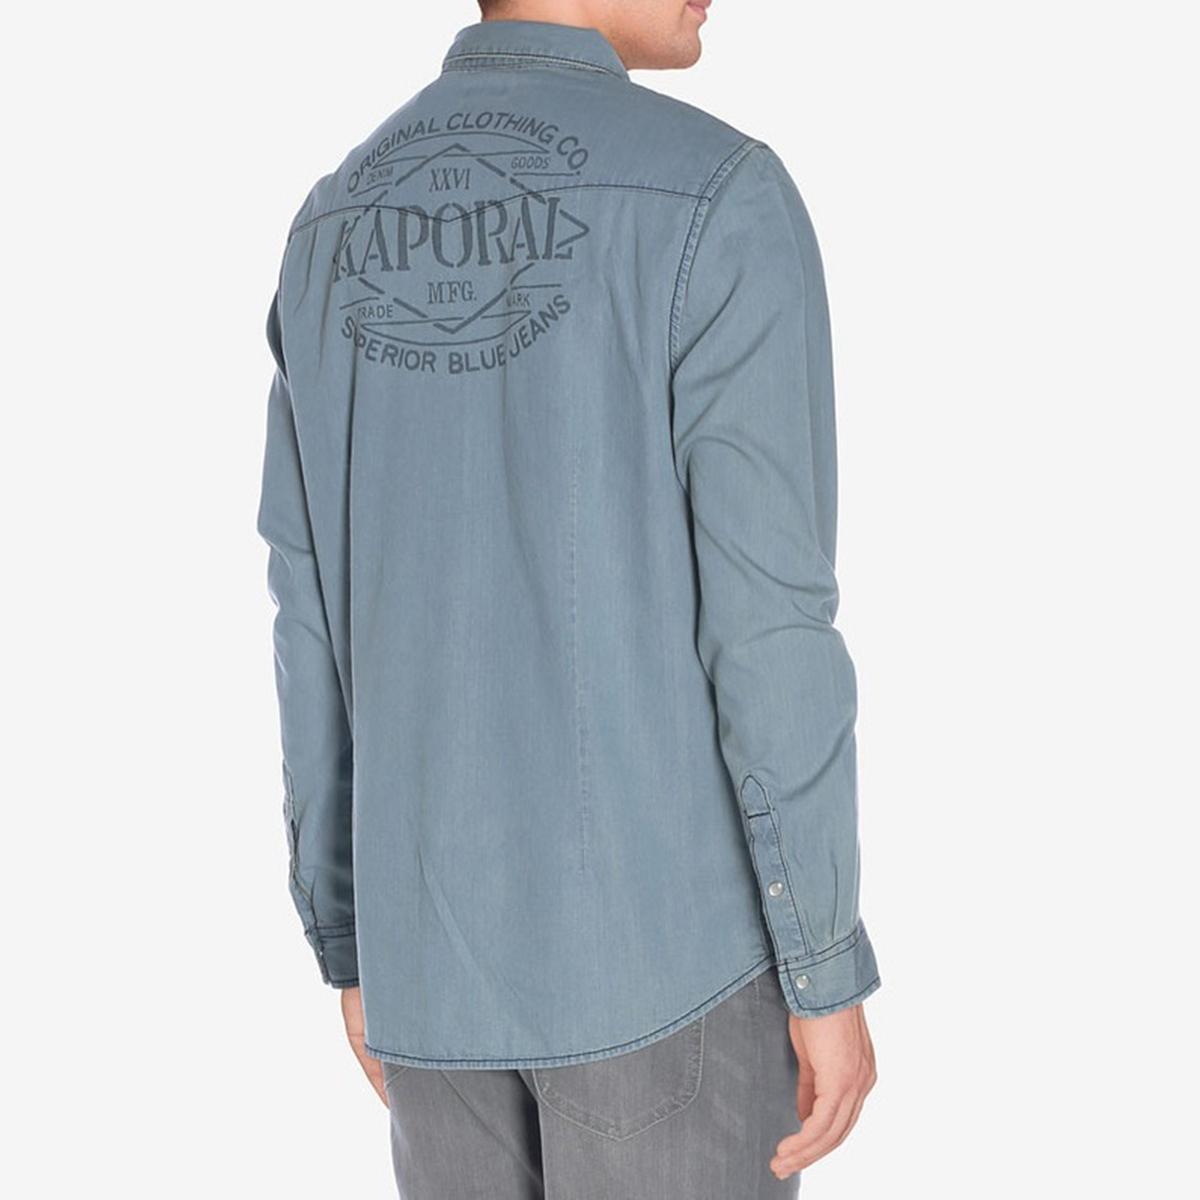 Рубашка с рисунком сзади TORYOРубашка с длинными рукавами. 2 нагрудных кармана. Логотип сзади.Состав и описание :Материал         100% хлопокМарка         KAPORALУход :Машинная стирка при 30 °С с вещами схожих цветовСтирать и гладить с изнаночной стороныГладить при умеренной температуре<br><br>Цвет: синий джинсовый<br>Размер: M